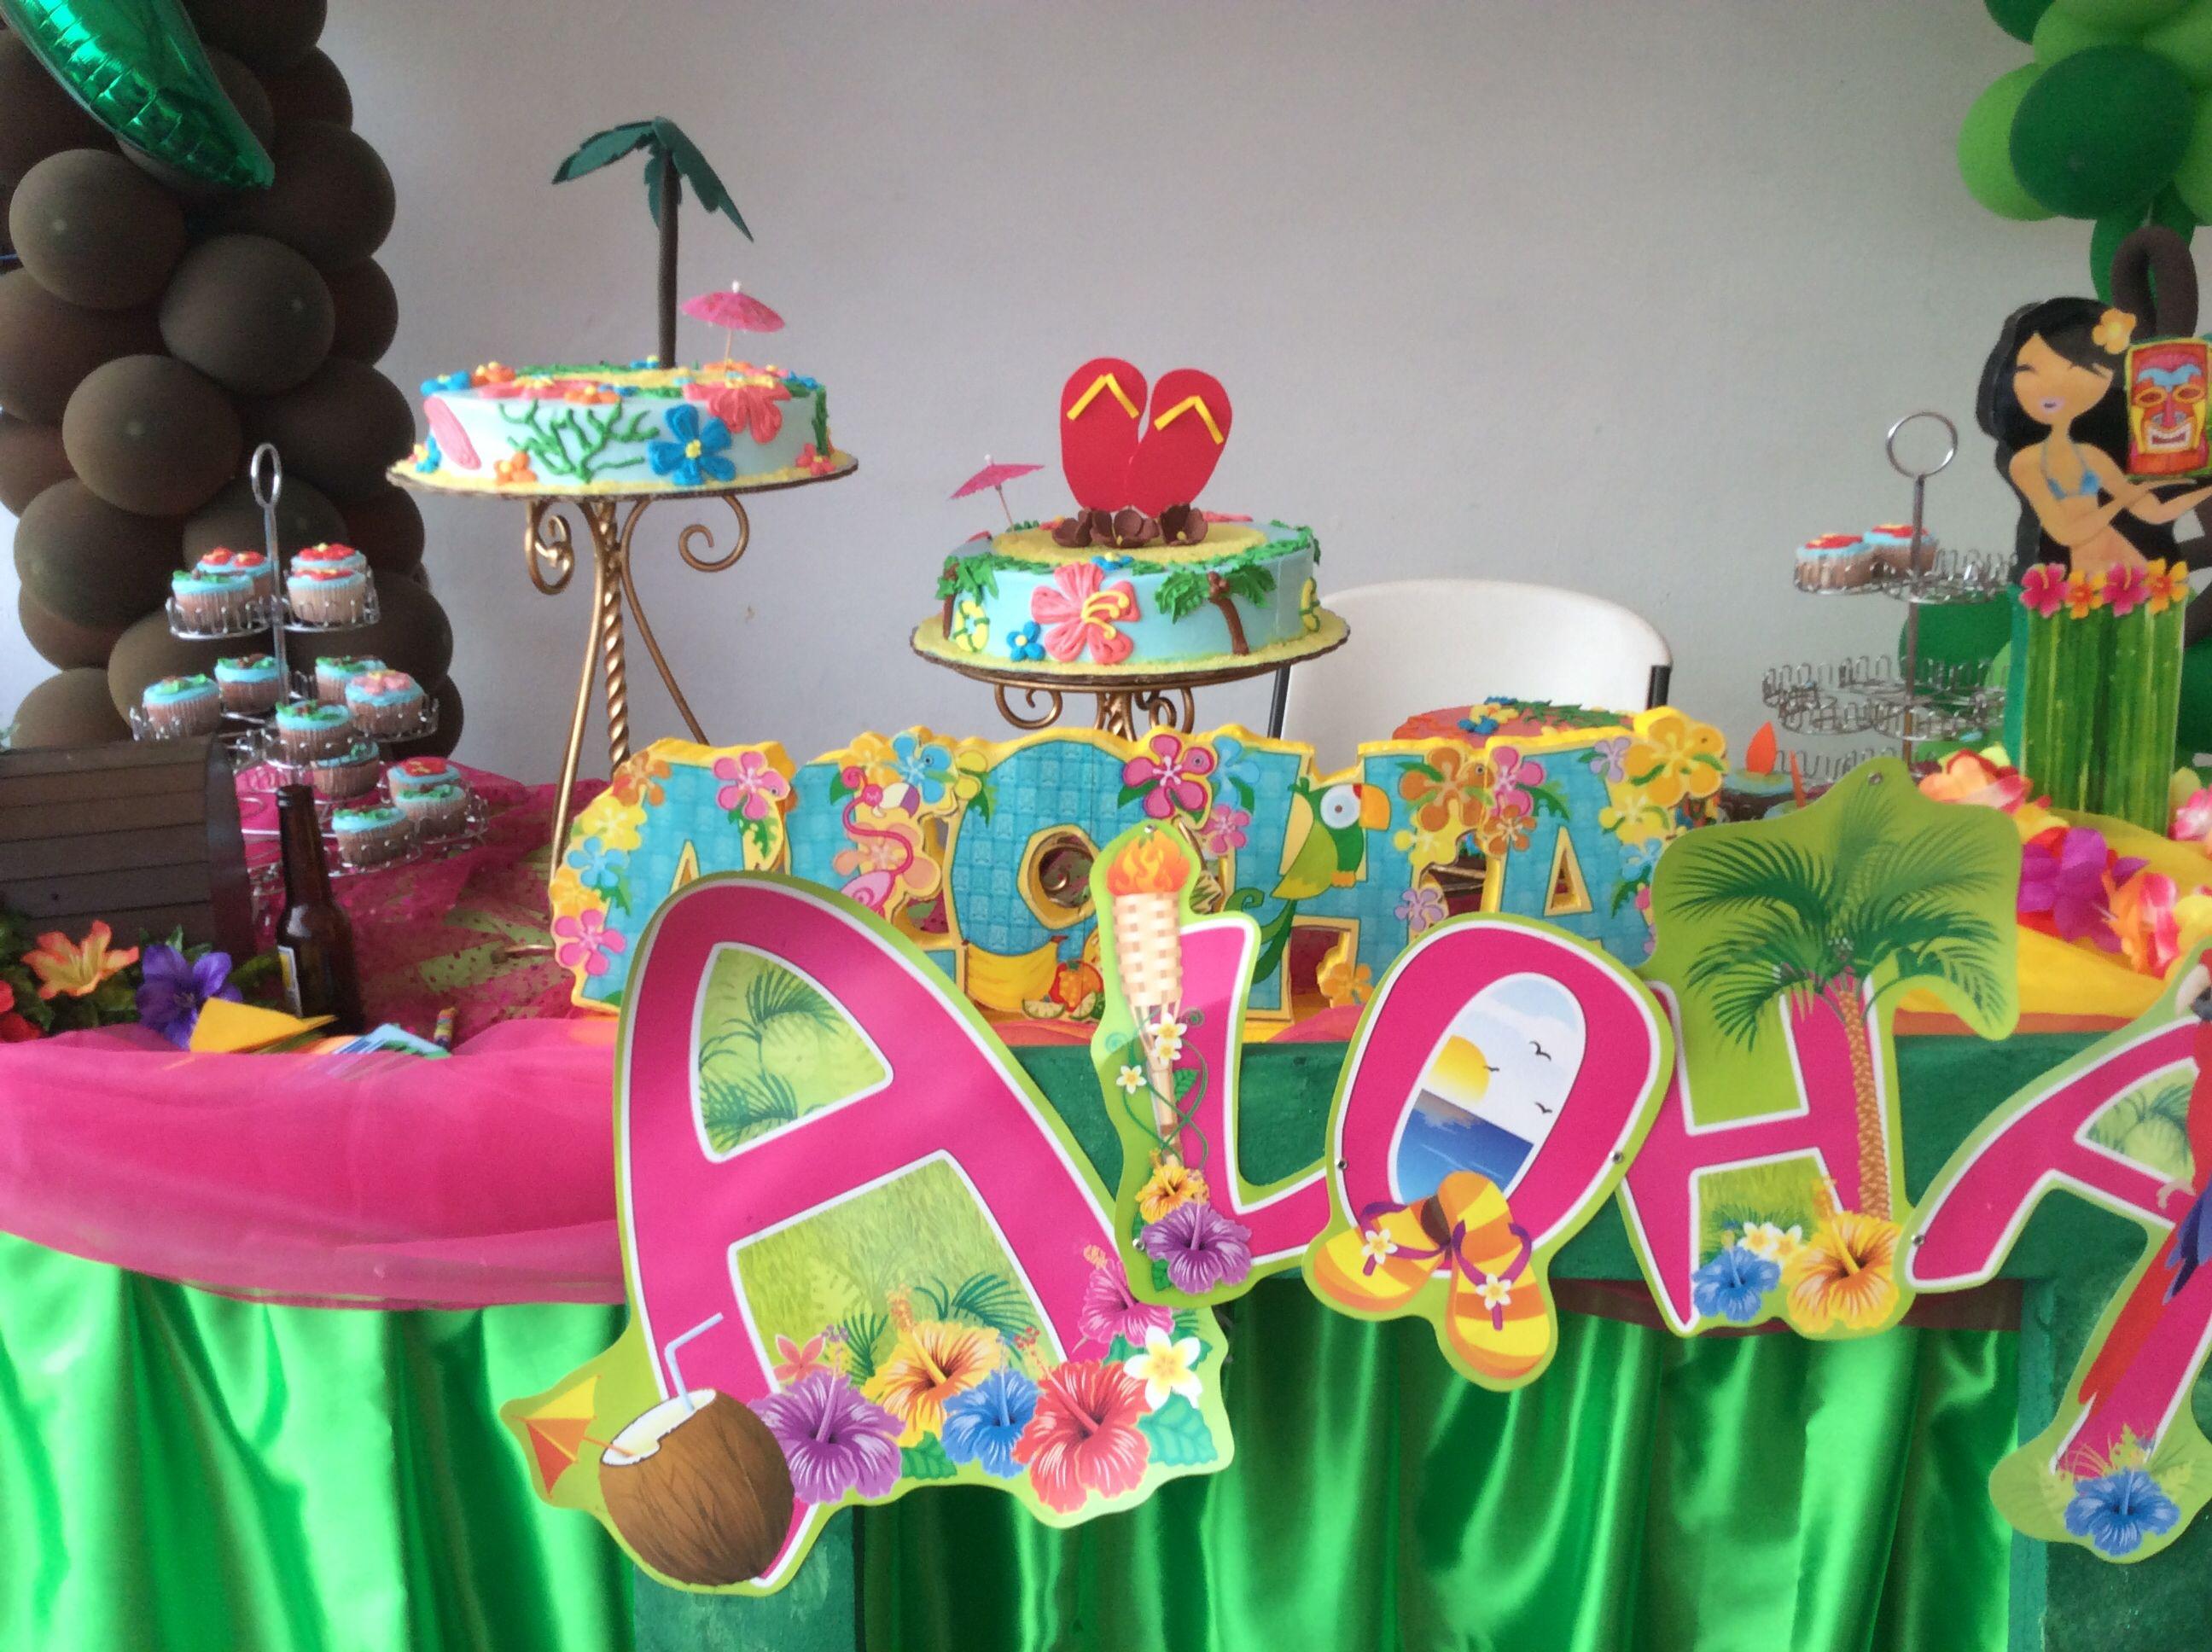 Mesa principal decorada por decoraci n eventos norma - Decoracion party ...